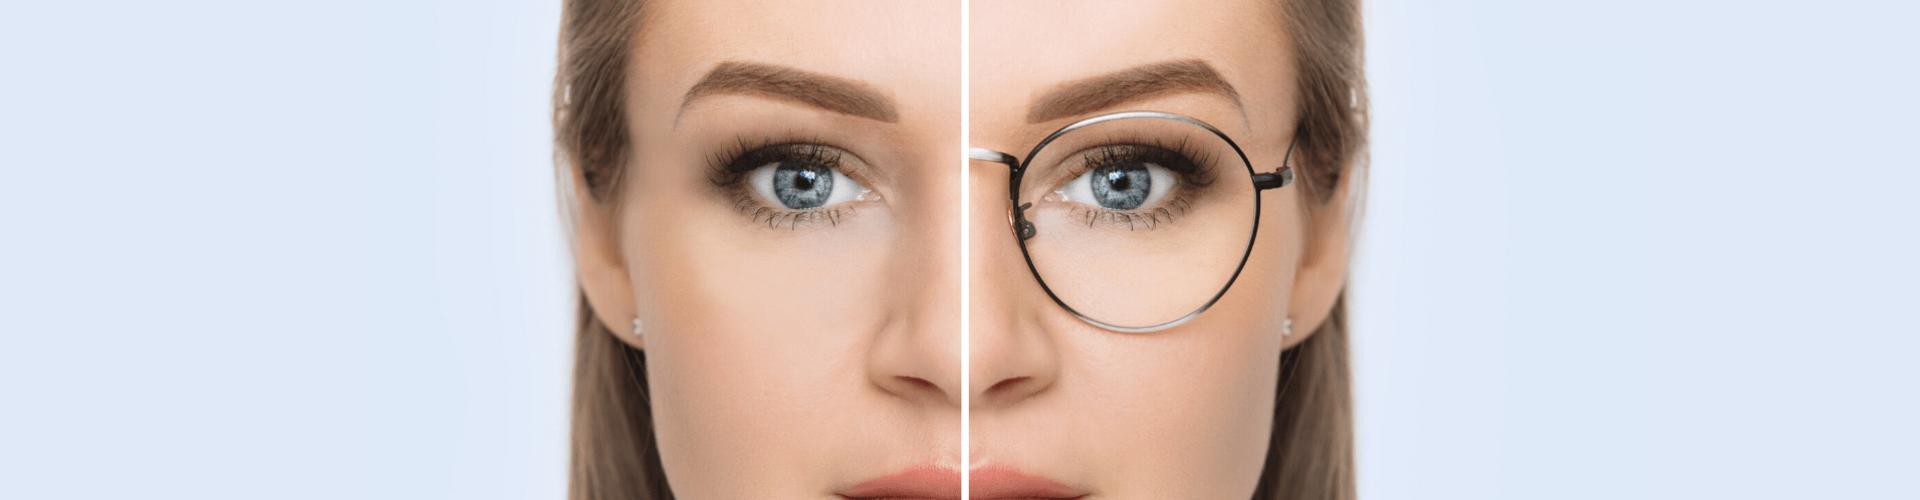 myopia kezelésére szolgáló mágnesek